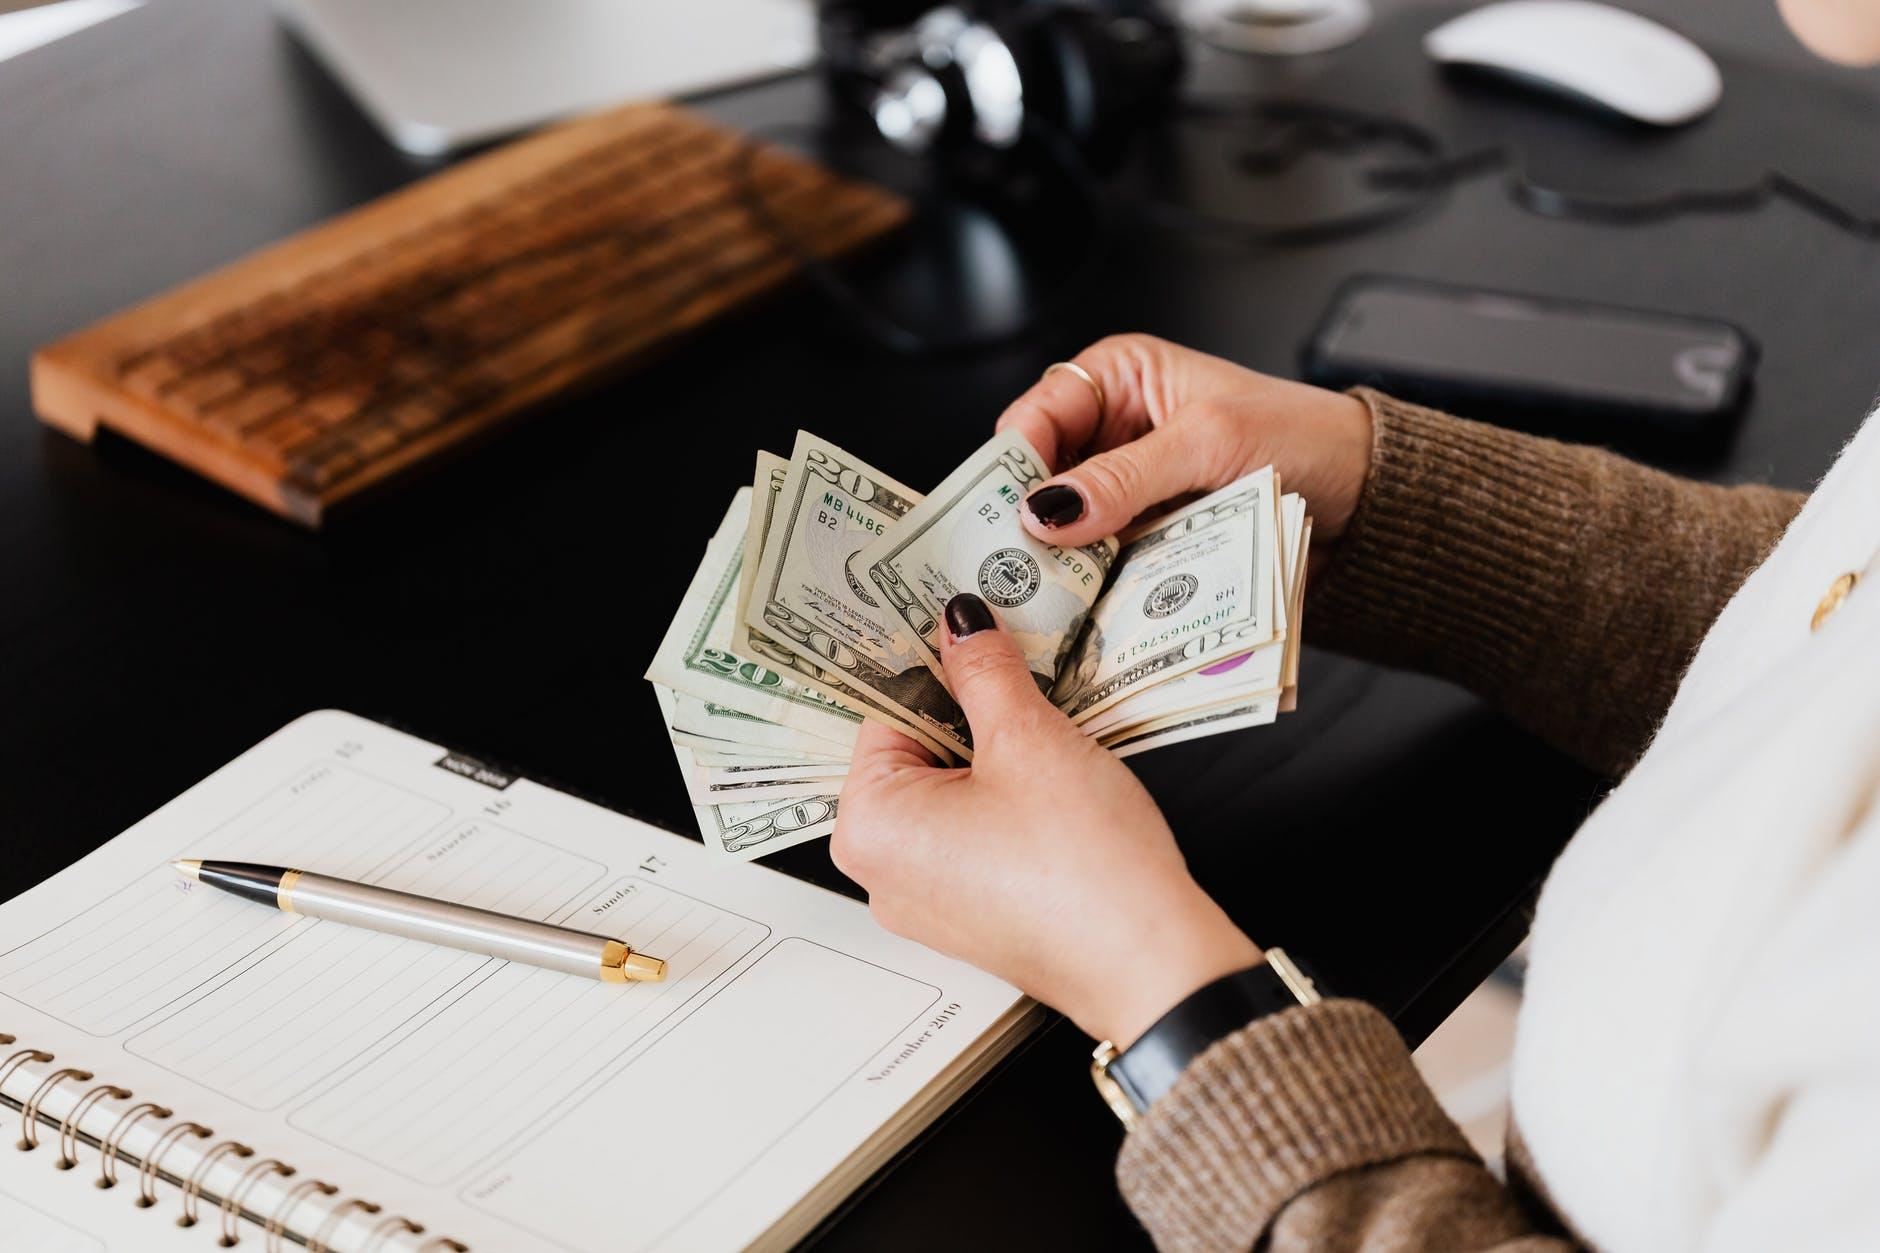 Comment faire pour gagner des revenus passifs